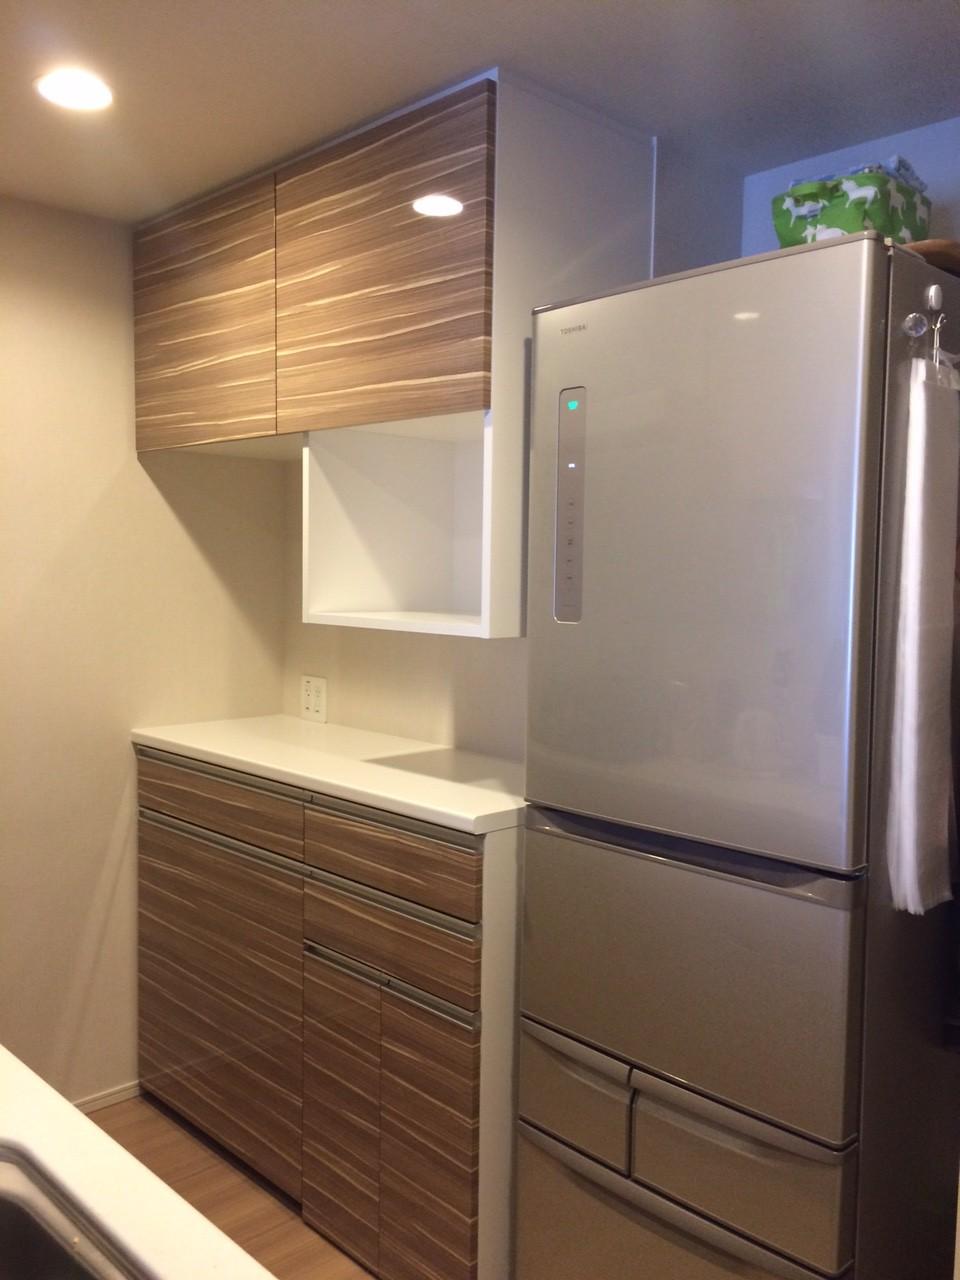 新築マンションをご購入の方におすすめ!吊戸棚の下も有効にスペースを活用する方法